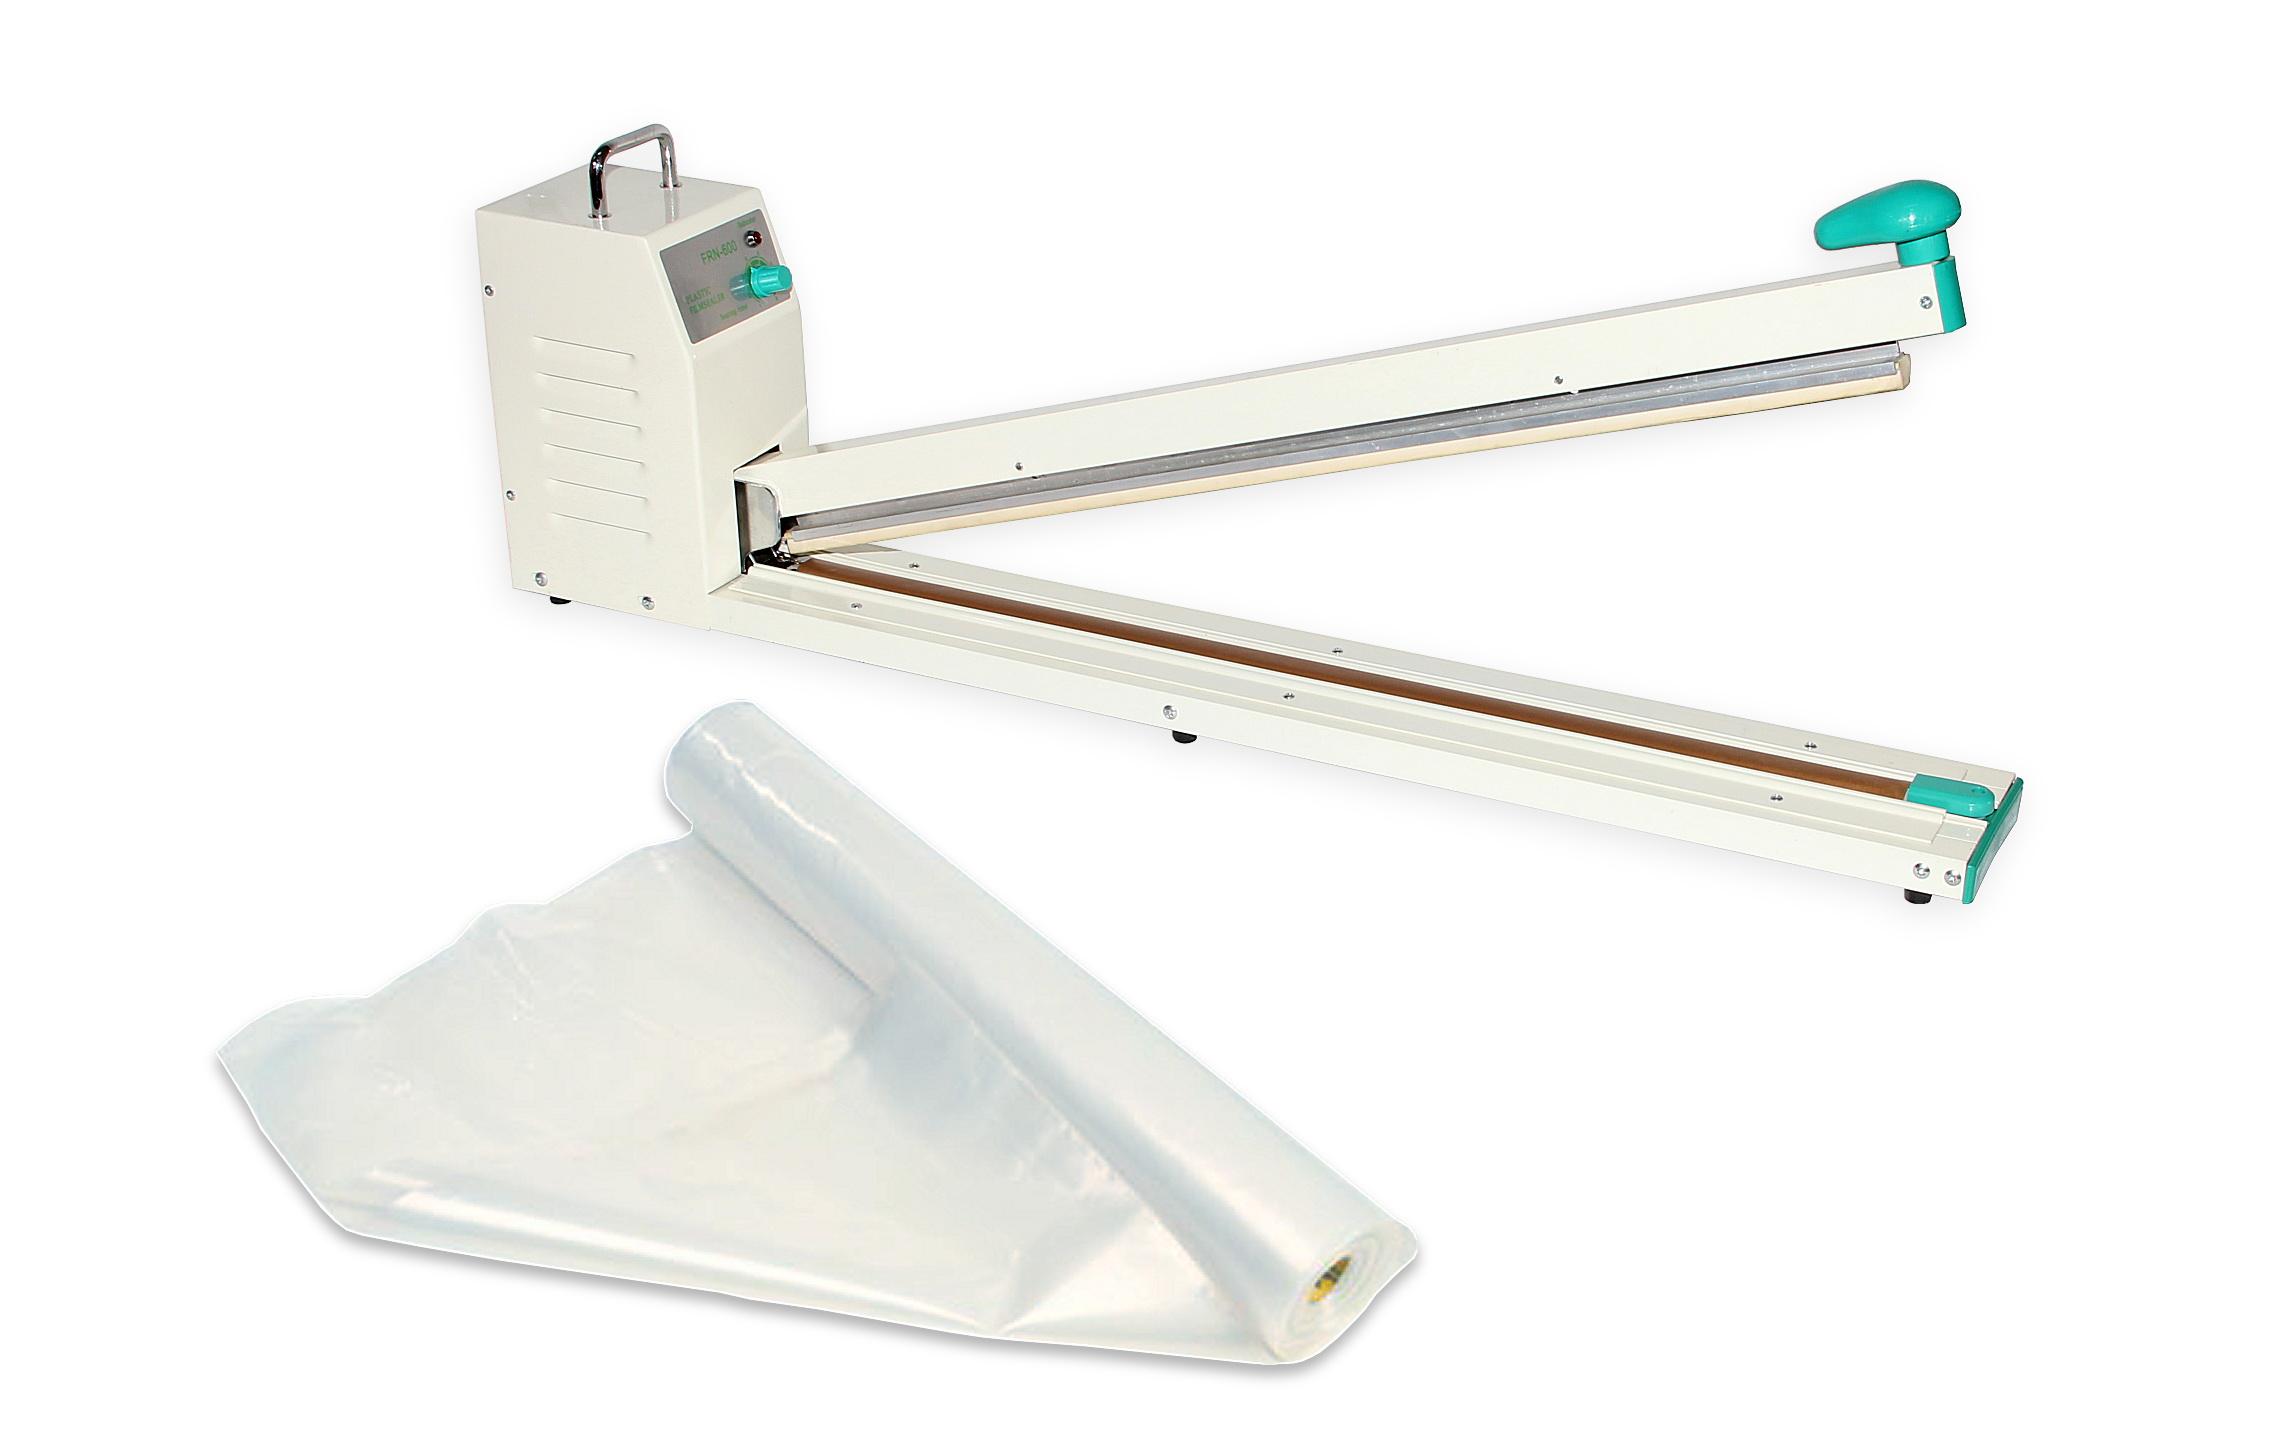 Páková svářečka fólií pro zatavování plastů FRN-600 se svářecí lištou o šířce 600 mm